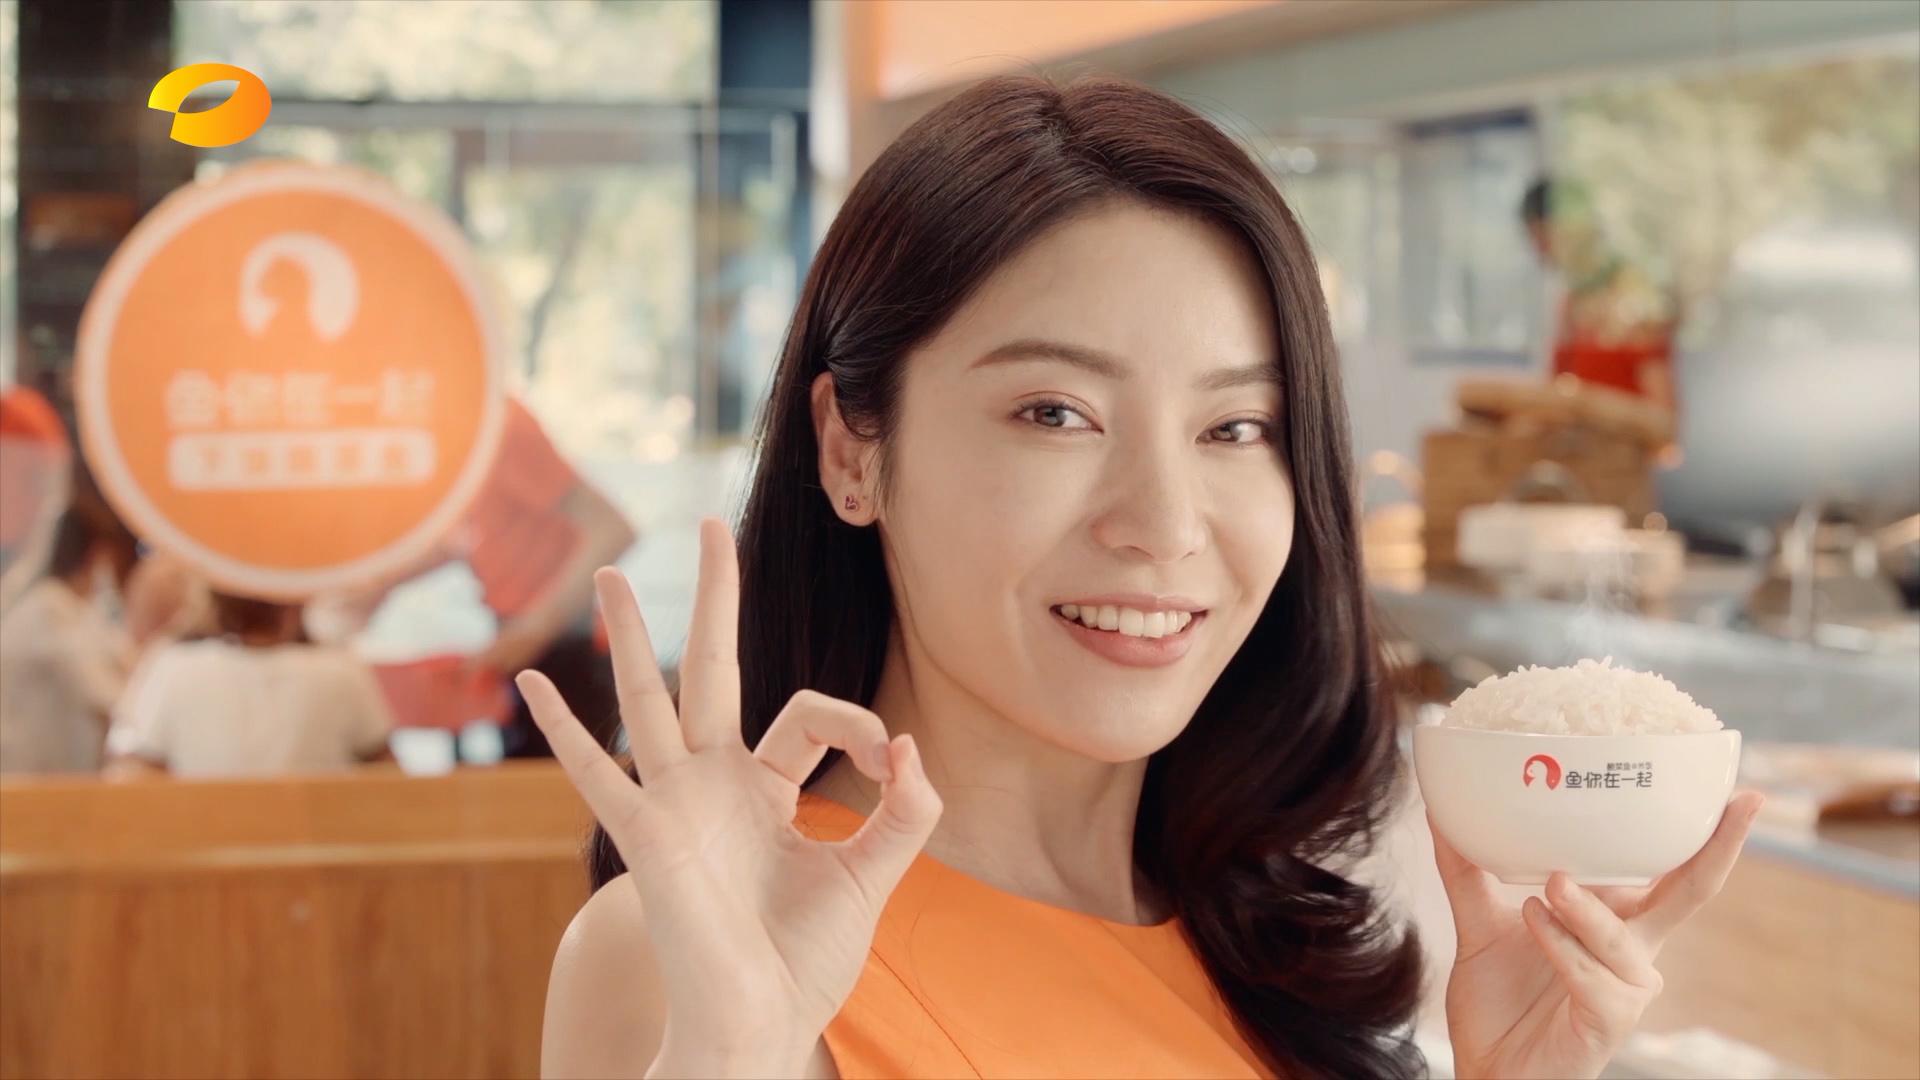 鱼你在一起下饭酸菜鱼品牌广告,席卷国民三大电视平台!